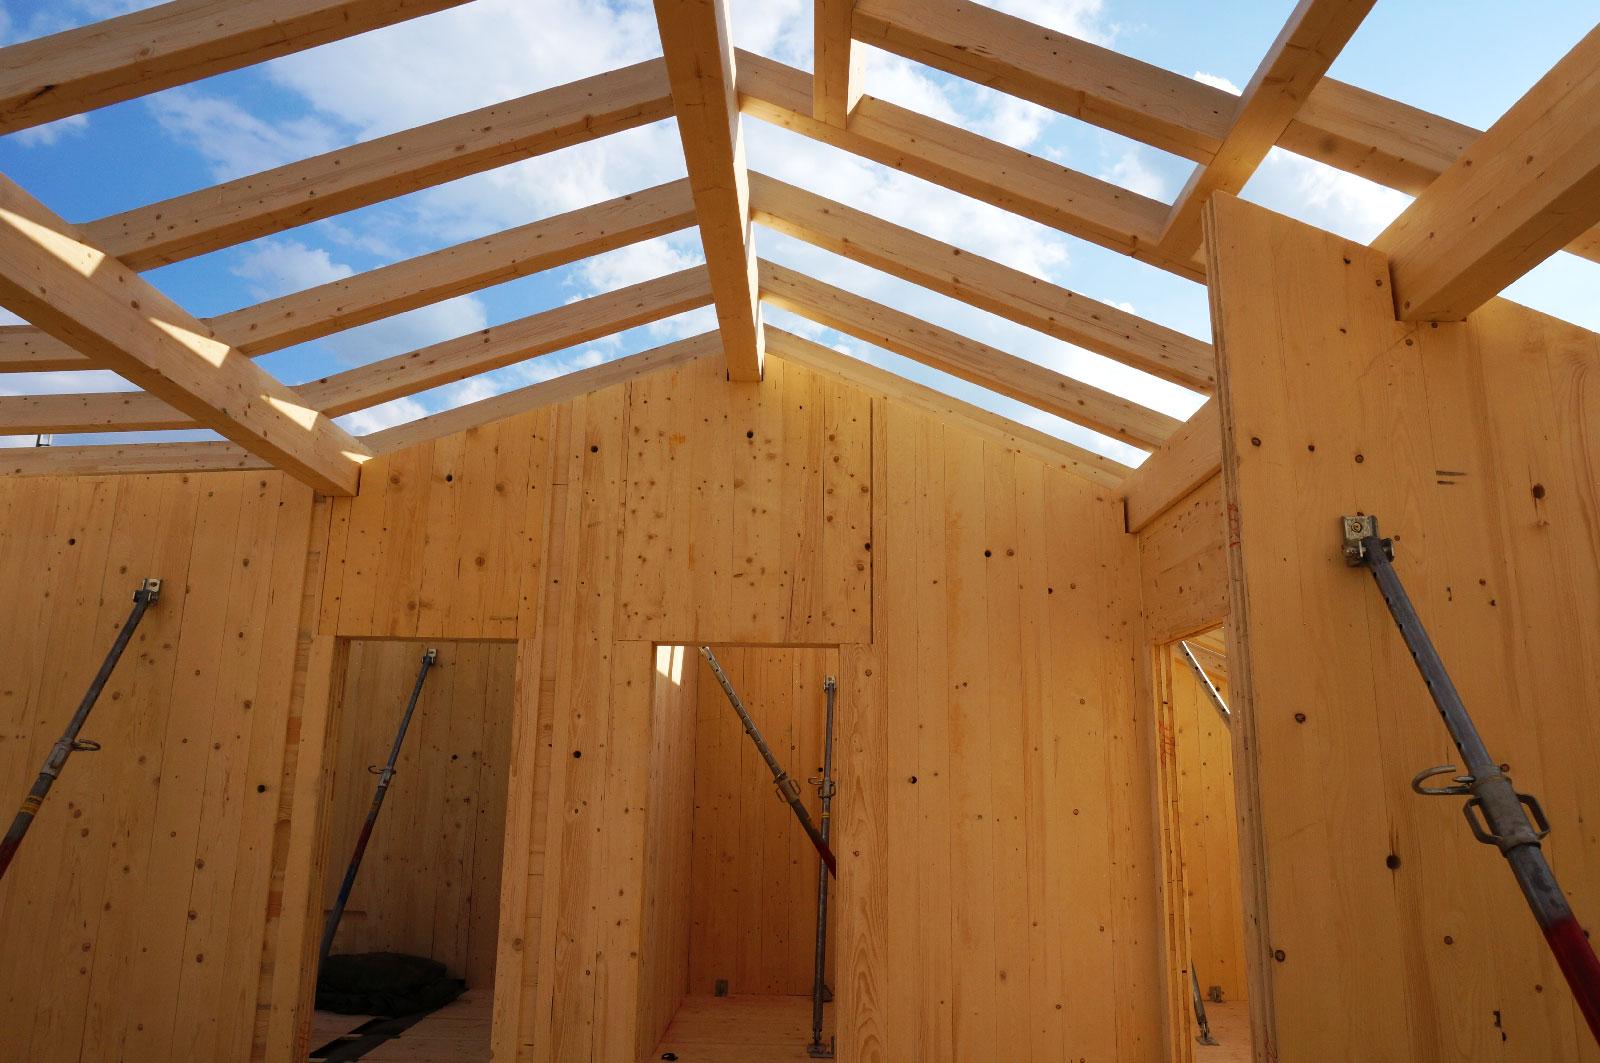 16-Zu-und-Umbau-Einfamilienhaus-mit-Vollholzwaenden-Holzbau-Zimmerei-Norz-2019.jpg